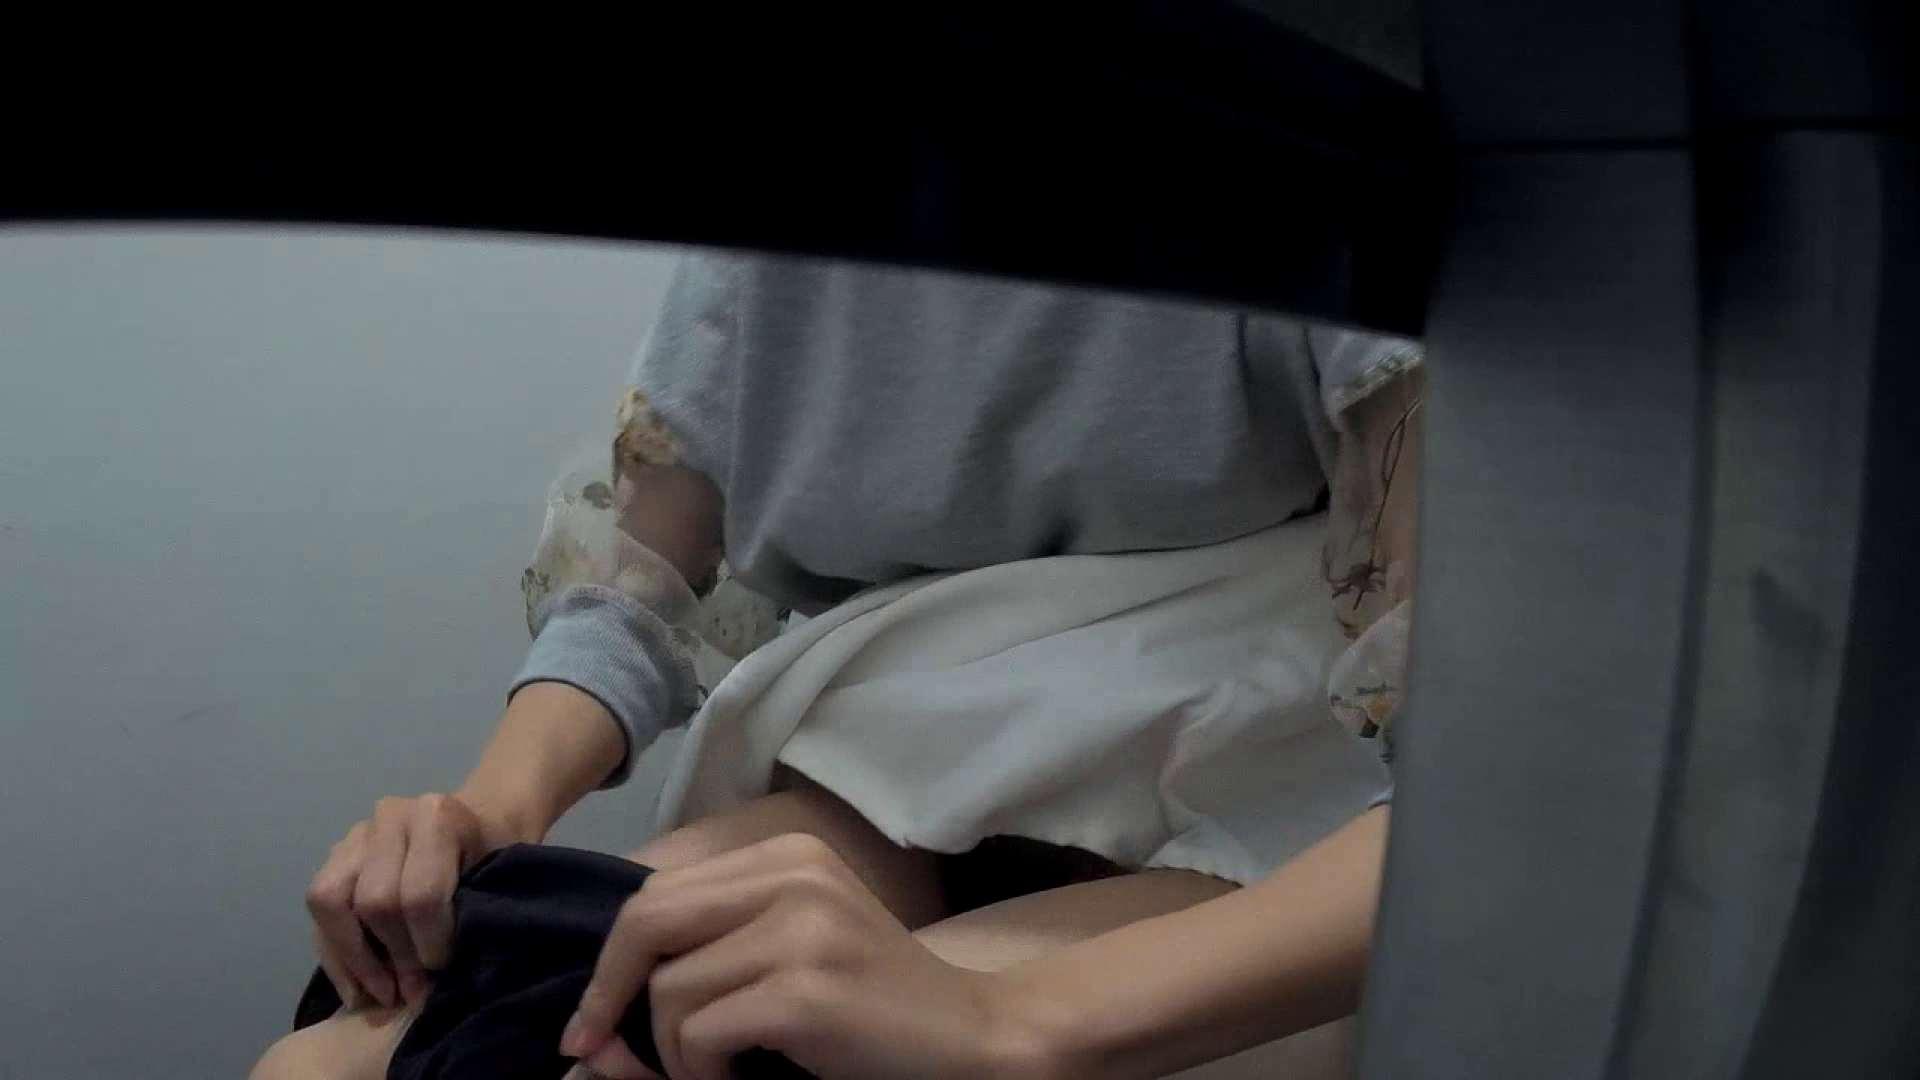 有名大学女性洗面所 vol.40 ??おまじない的な動きをする子がいます。 和式便所 えろ無修正画像 99枚 6